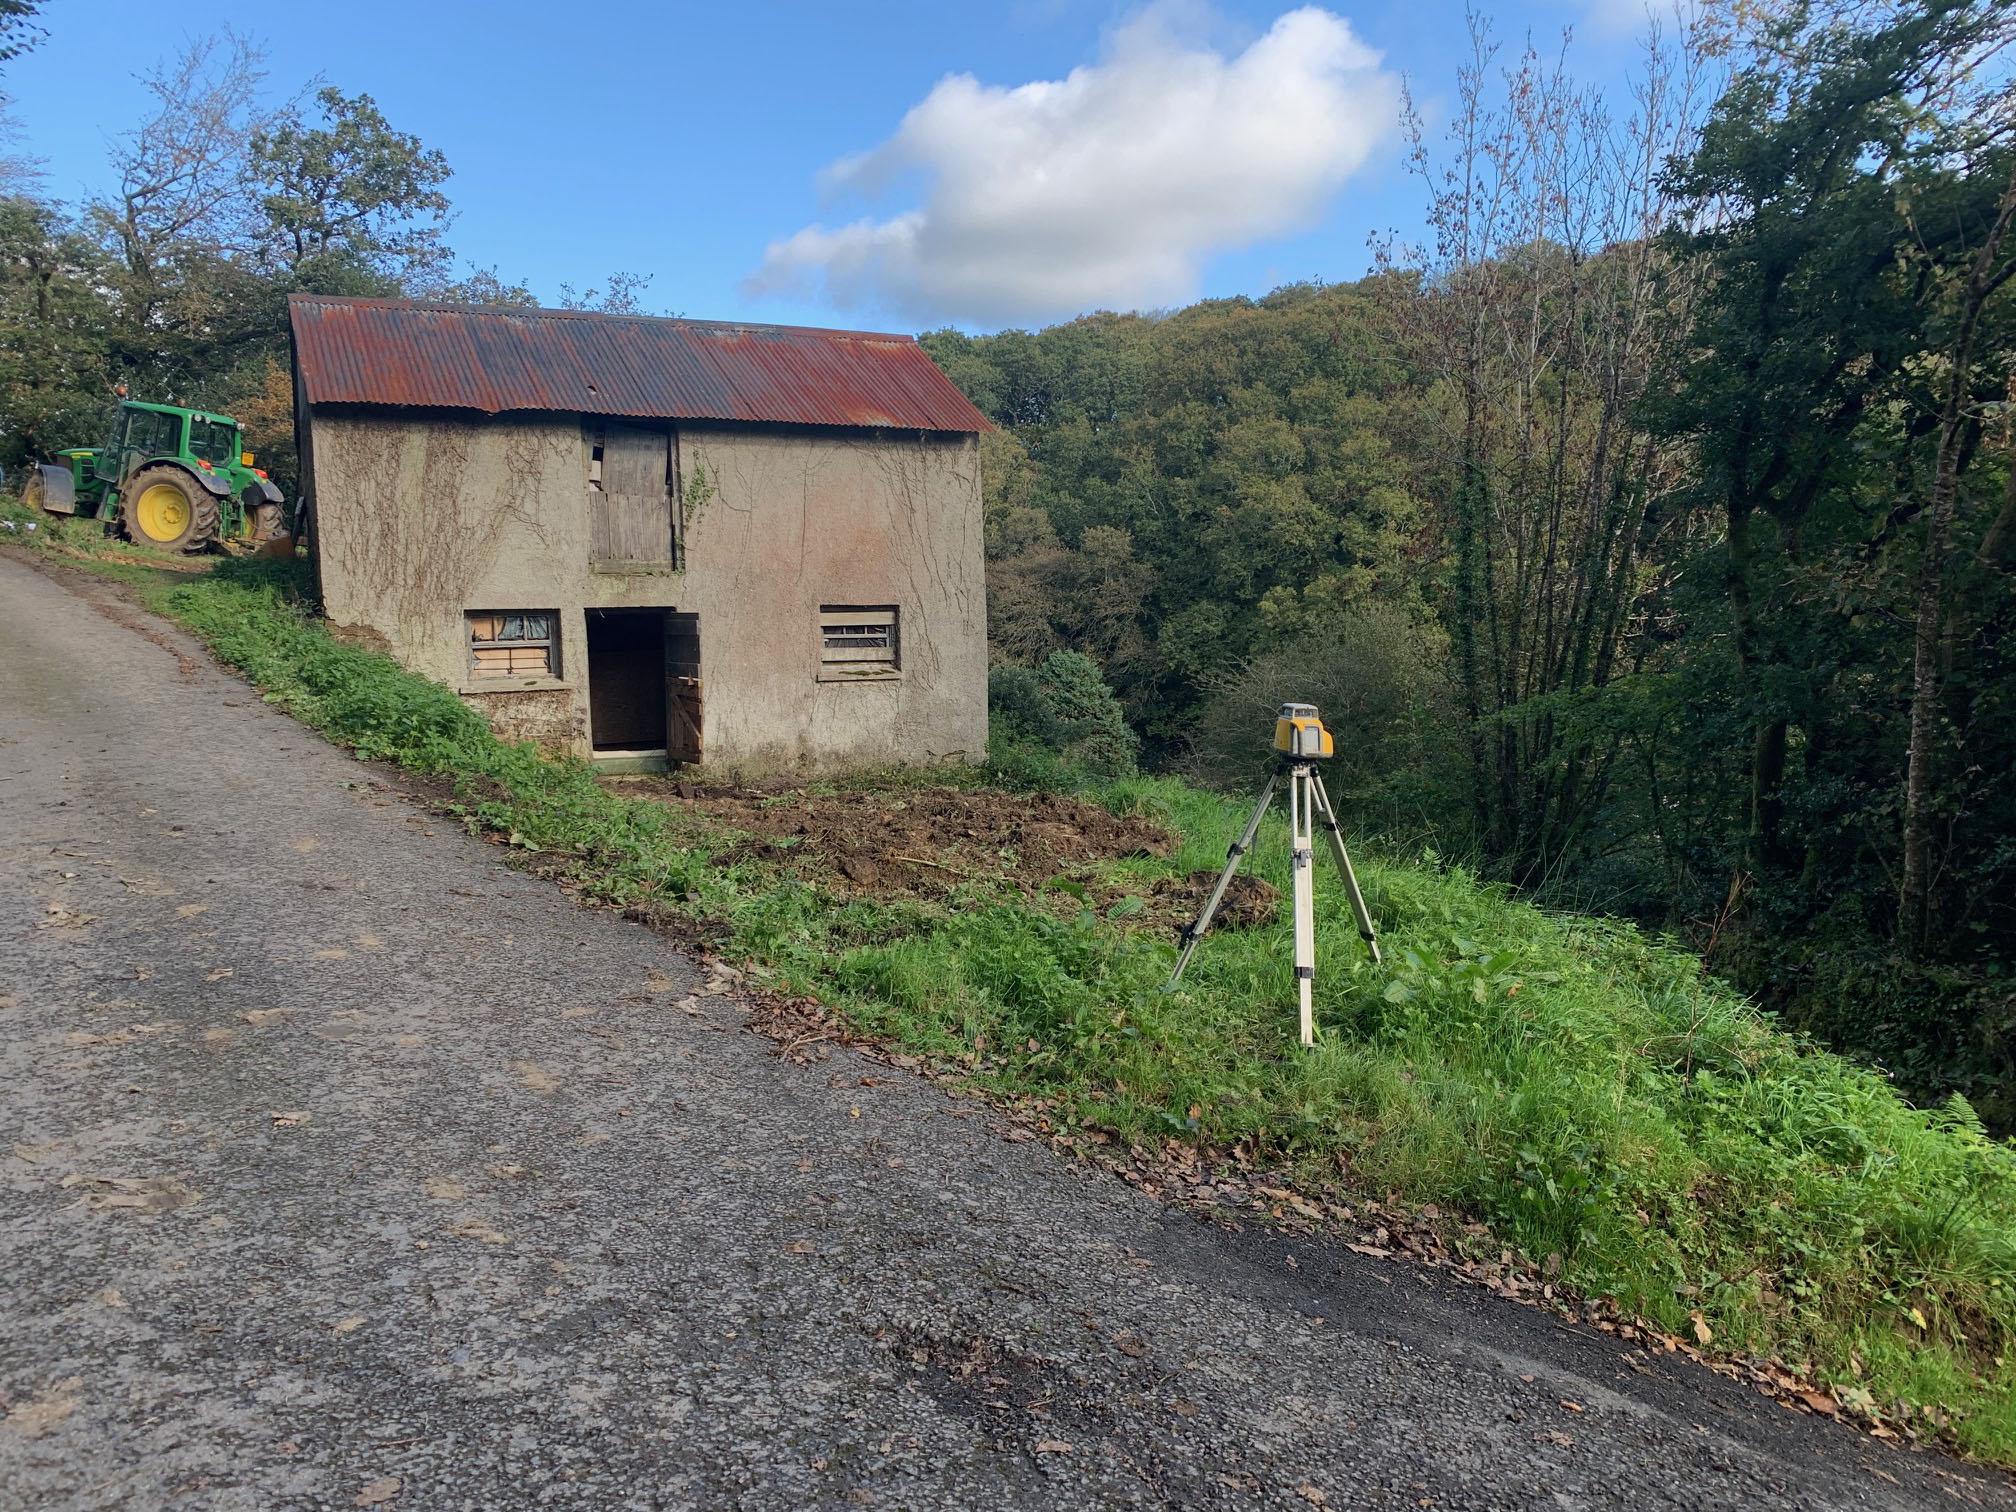 Lanner Mill Barn, St Allen, Truro